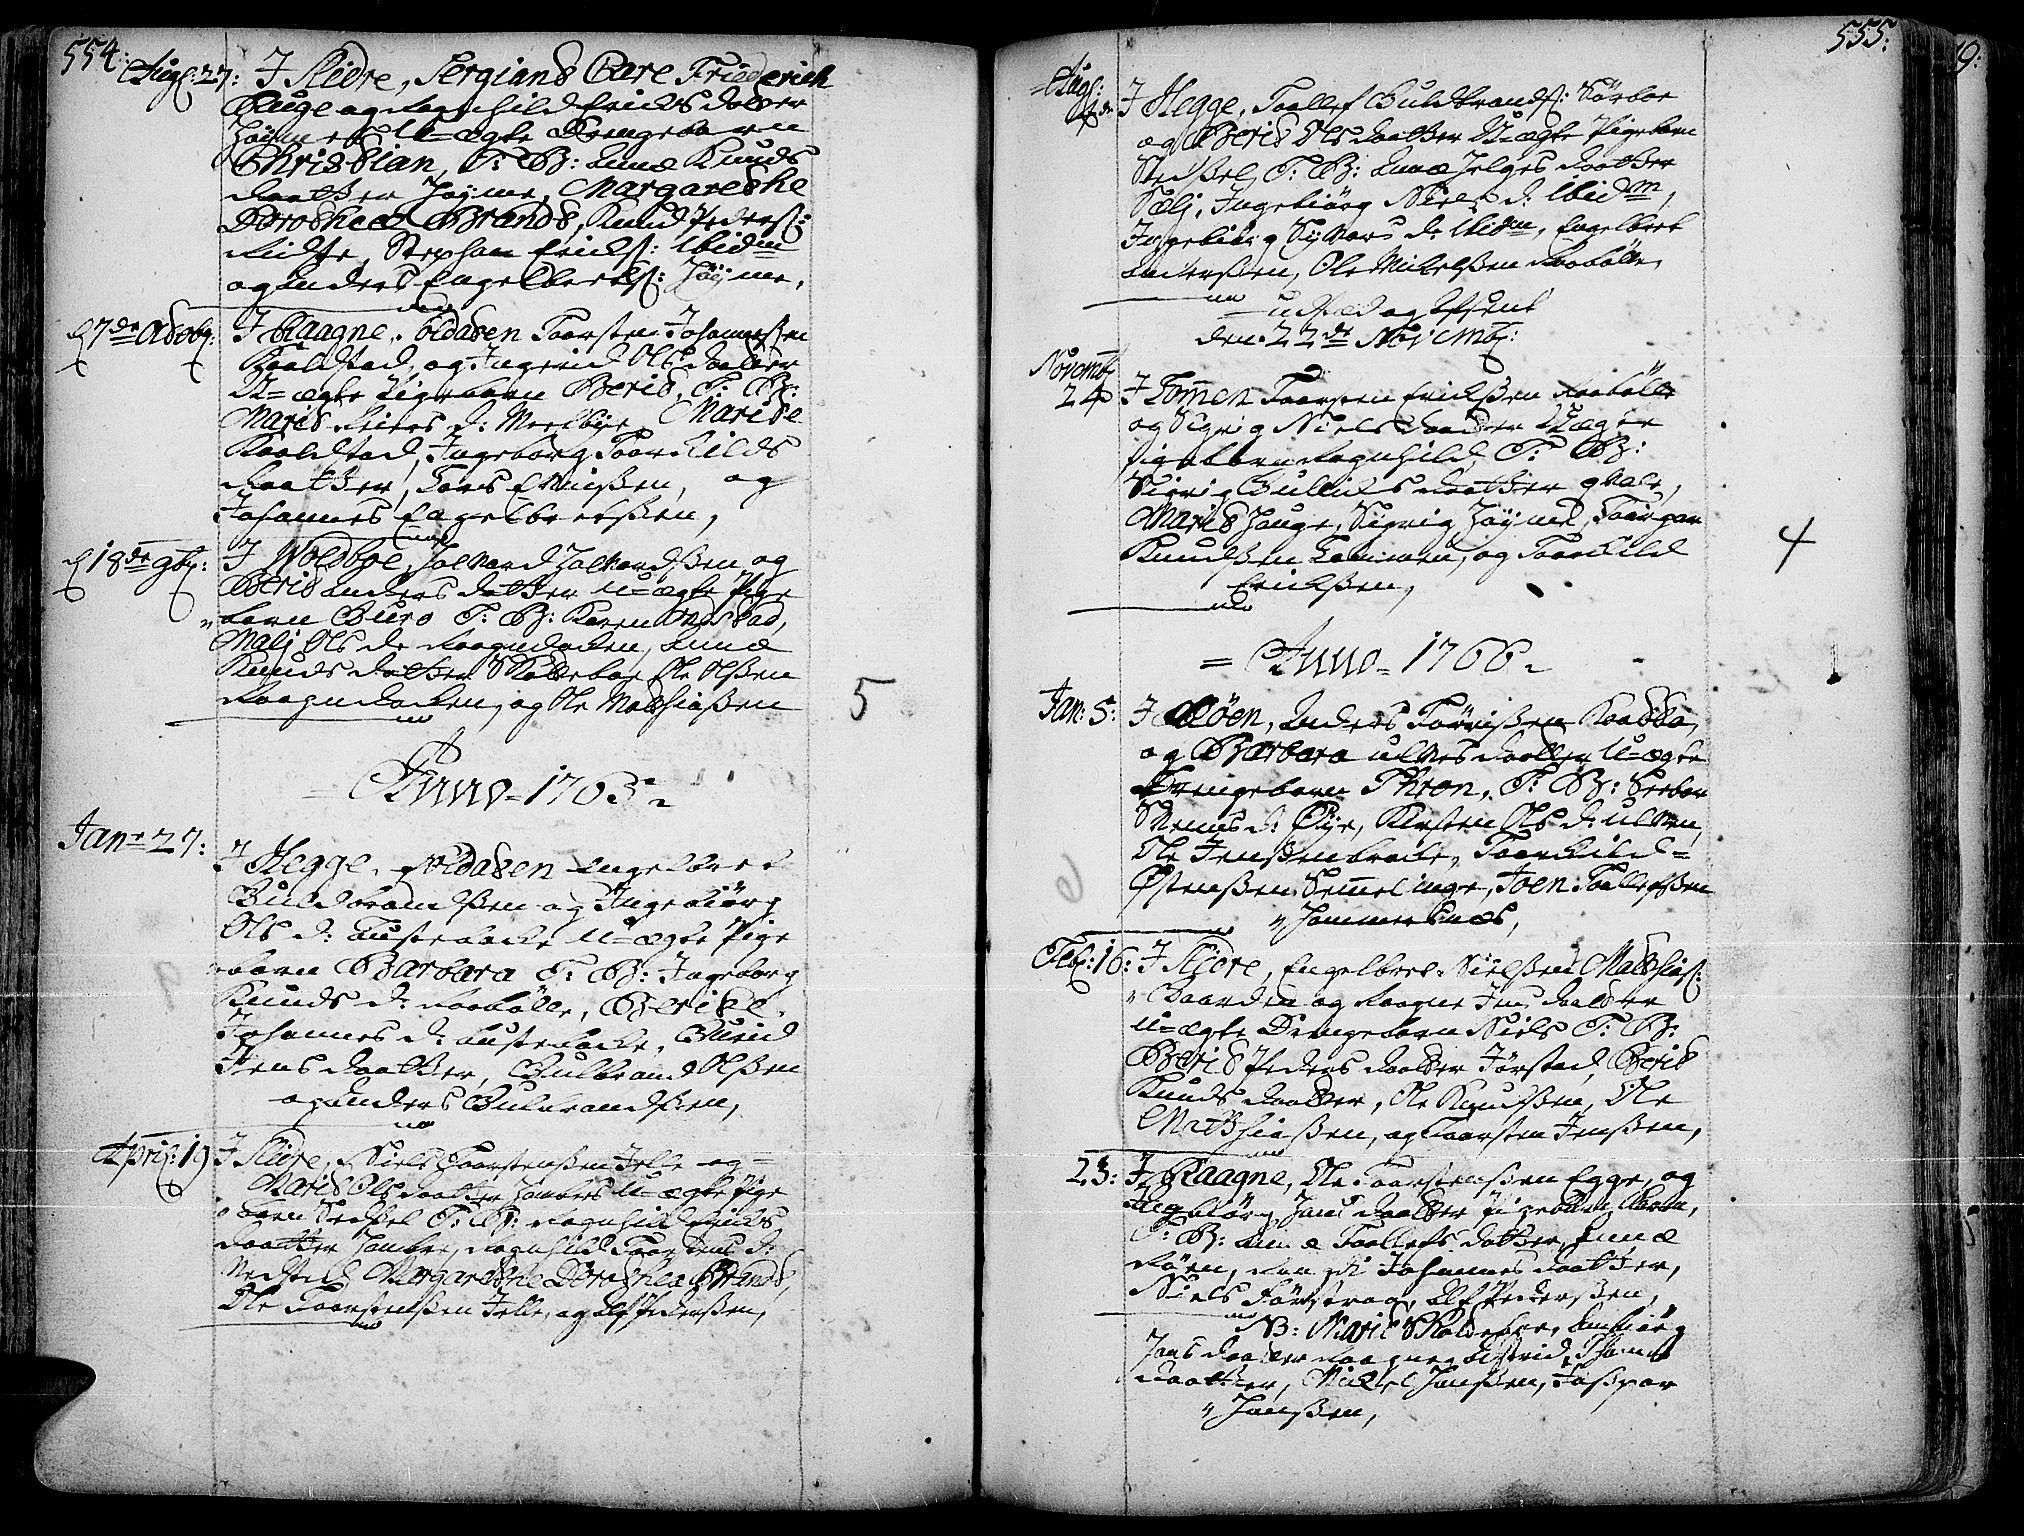 SAH, Slidre prestekontor, Ministerialbok nr. 1, 1724-1814, s. 554-555